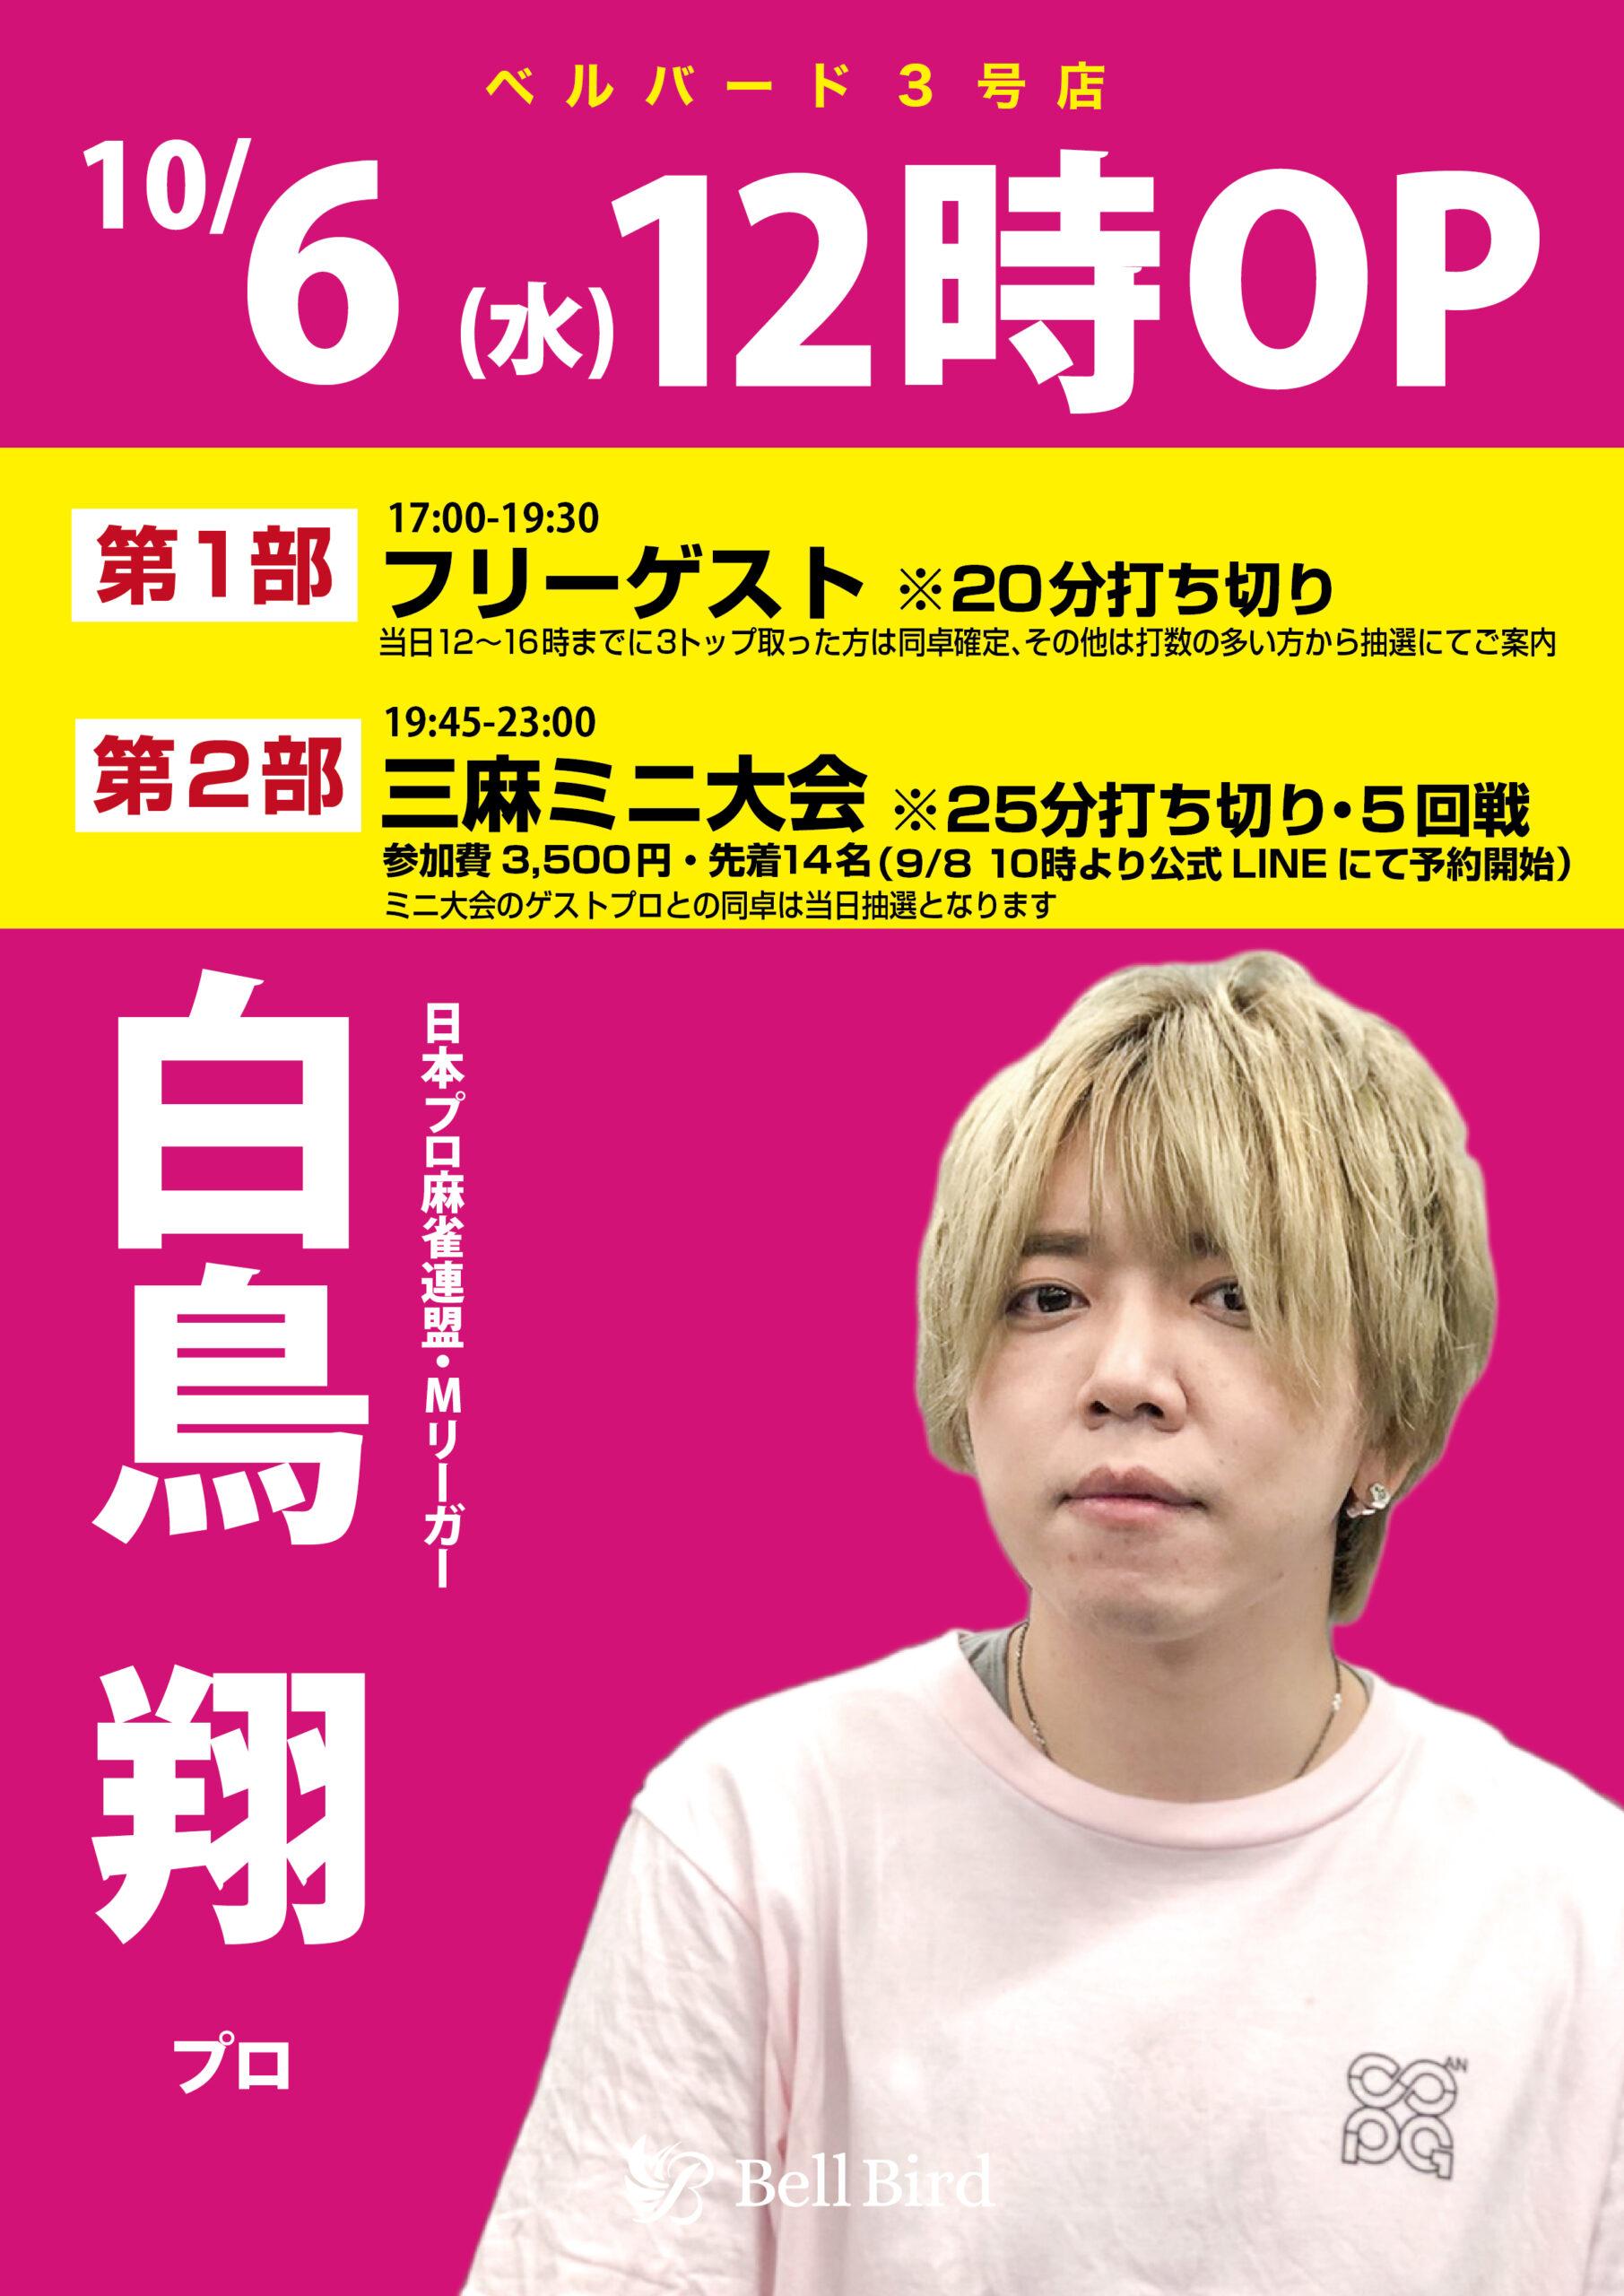 【3号店ミニ大会】10/6(水)開催!白鳥翔プロゲスト!!